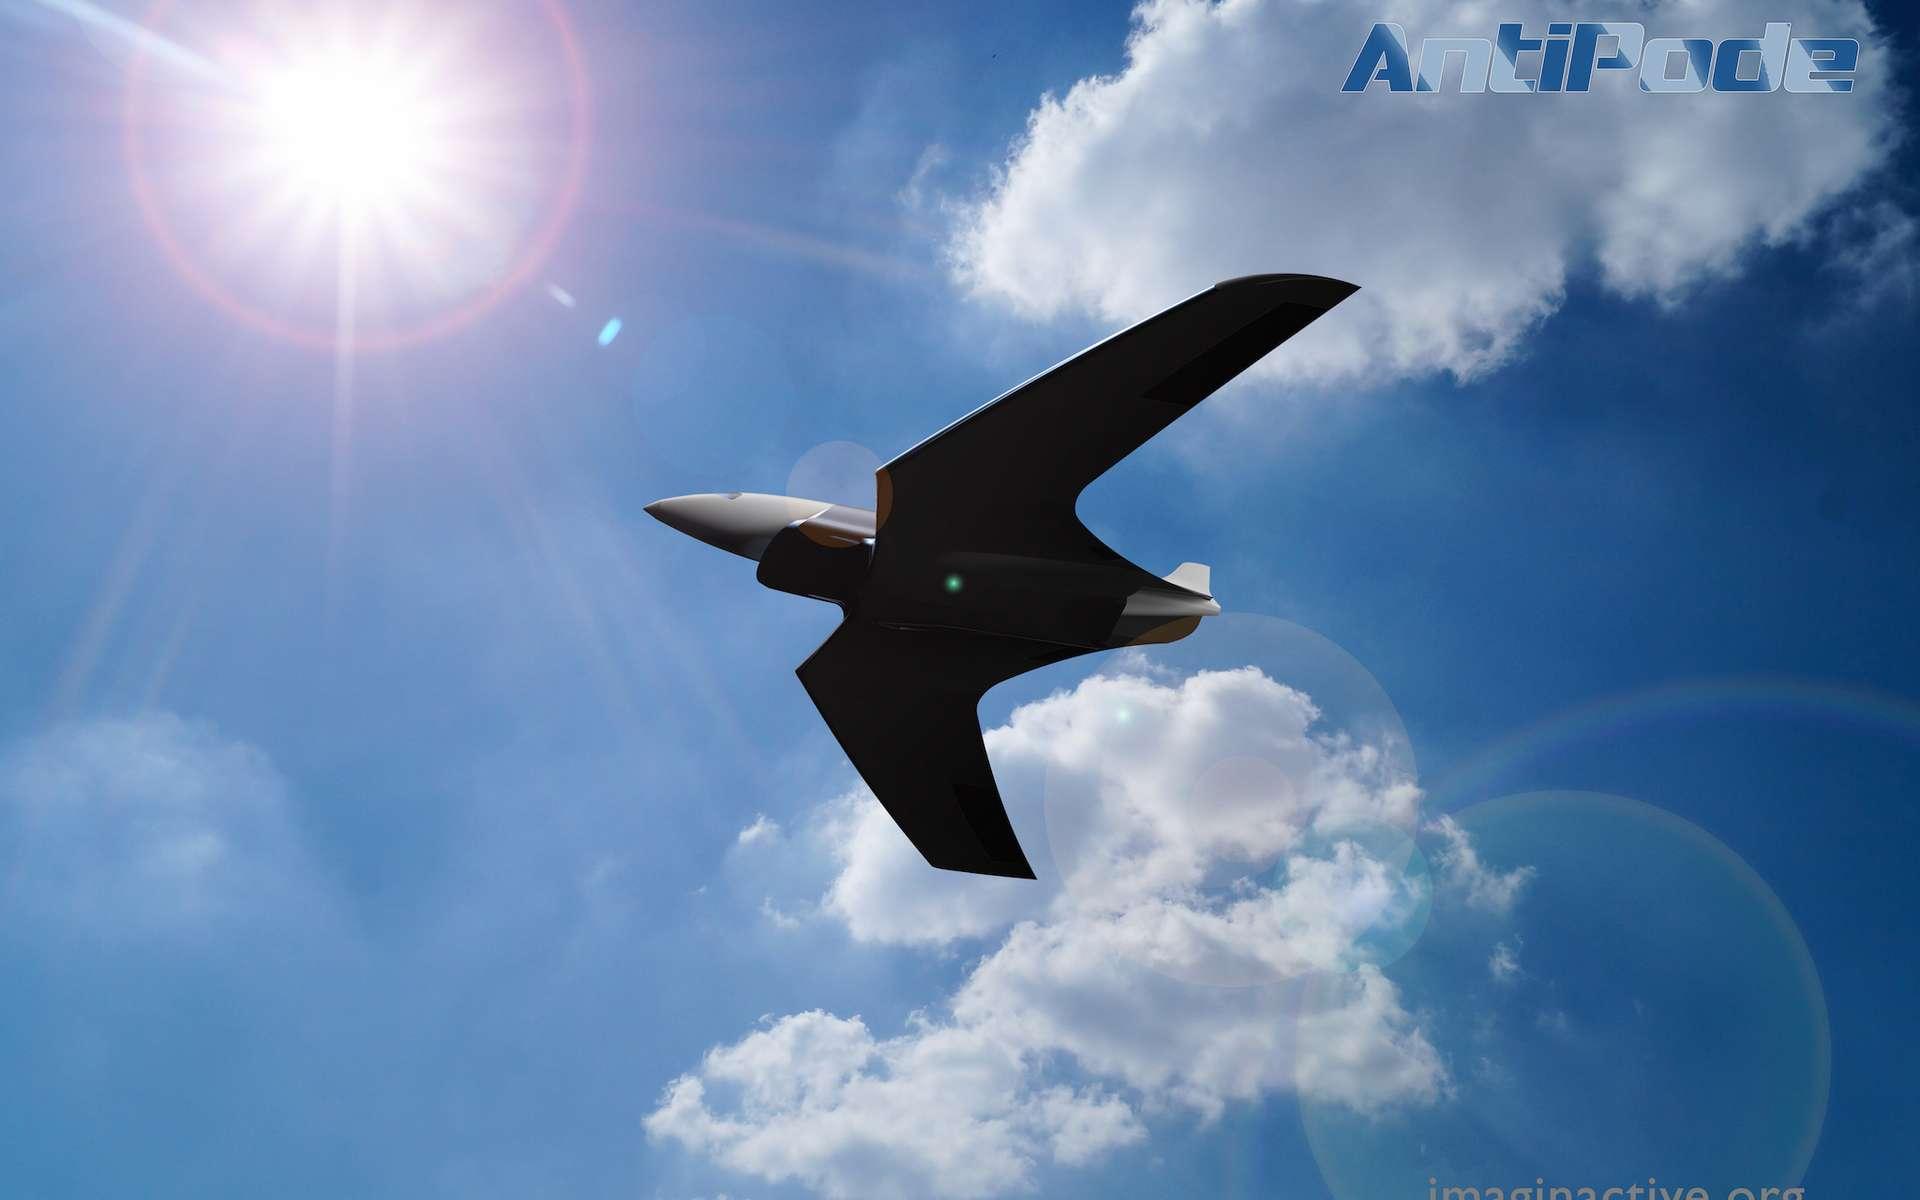 L'Antipode est un concept d'avion hypersonique pas vraiment réaliste qui atteindrait Mach 24 (soit 24 fois la vitesse du son), du jamais vu pour un engin piloté. Son intérêt est surtout de poser les bonnes questions. © Abhishek Roy, Imaginactif